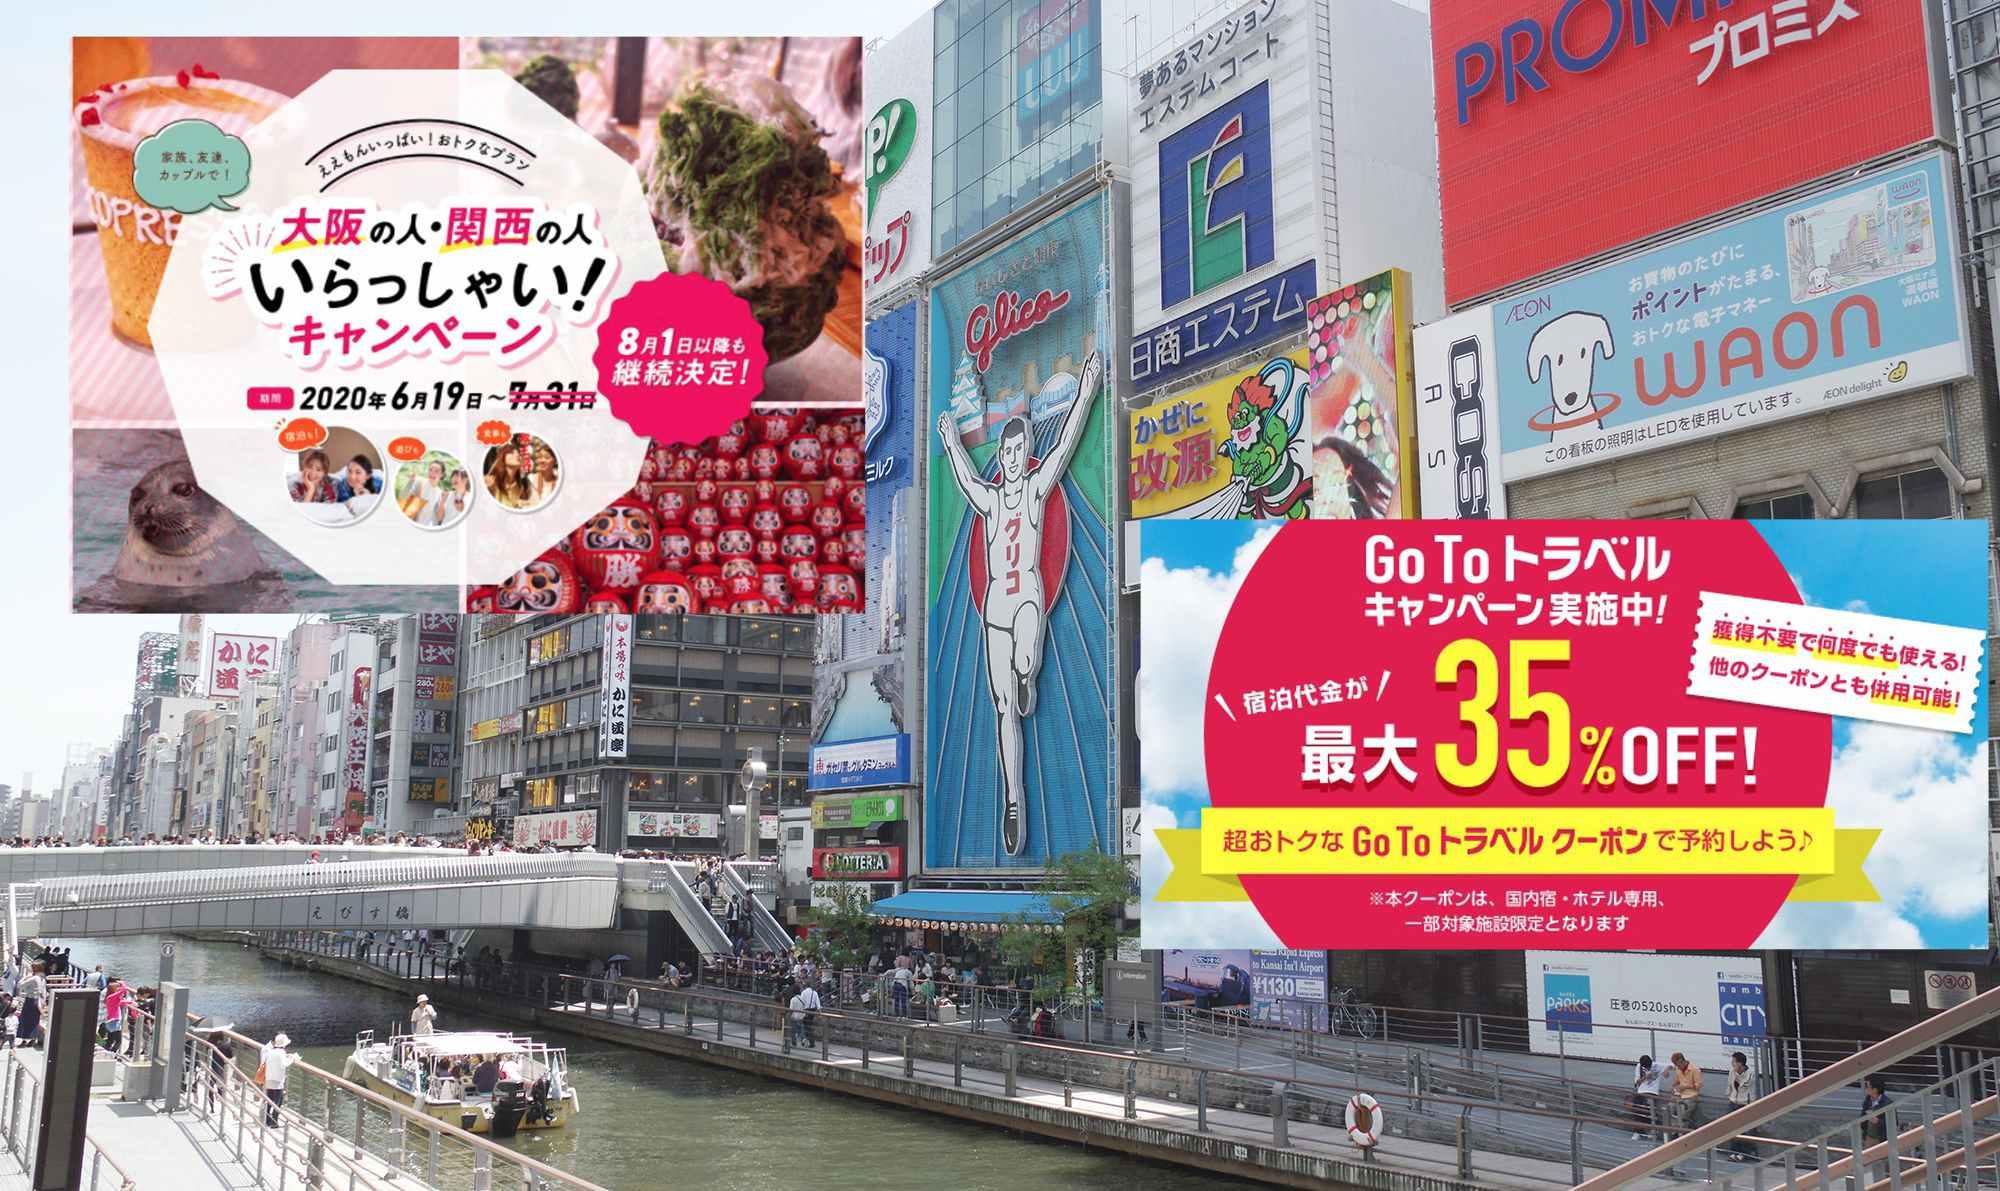 大阪いらっしゃいキャンペーンアイキャッチ